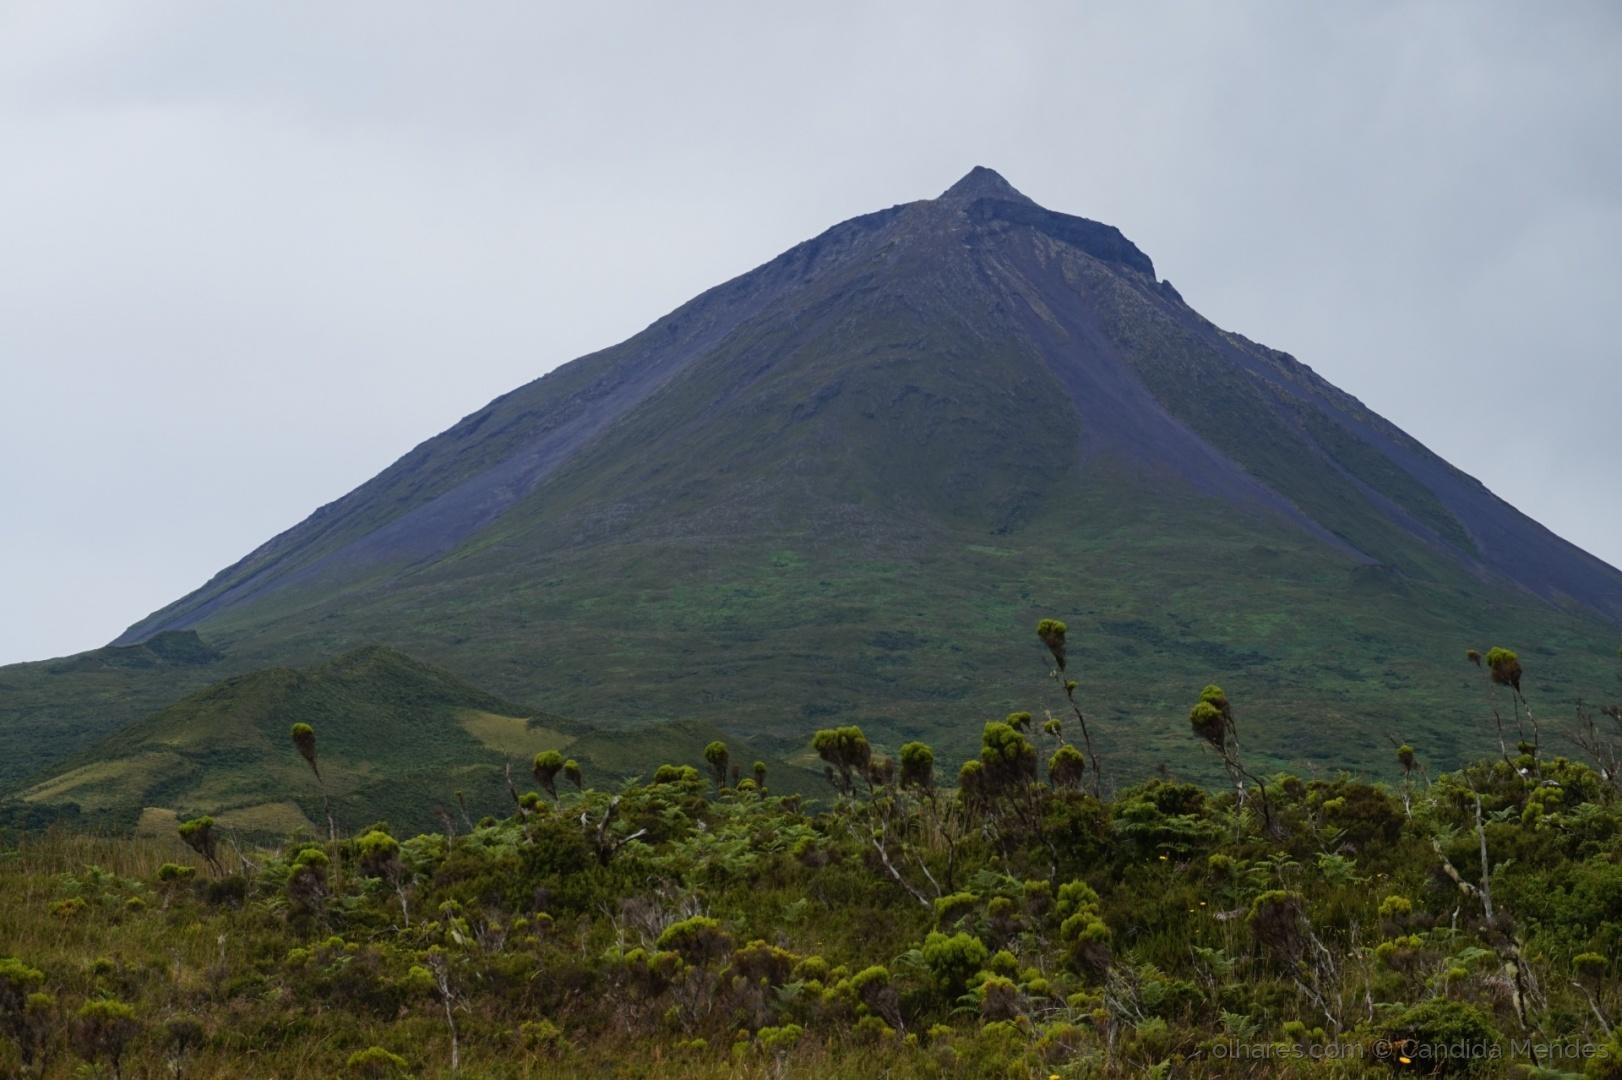 Paisagem Natural/Montanha do Pico